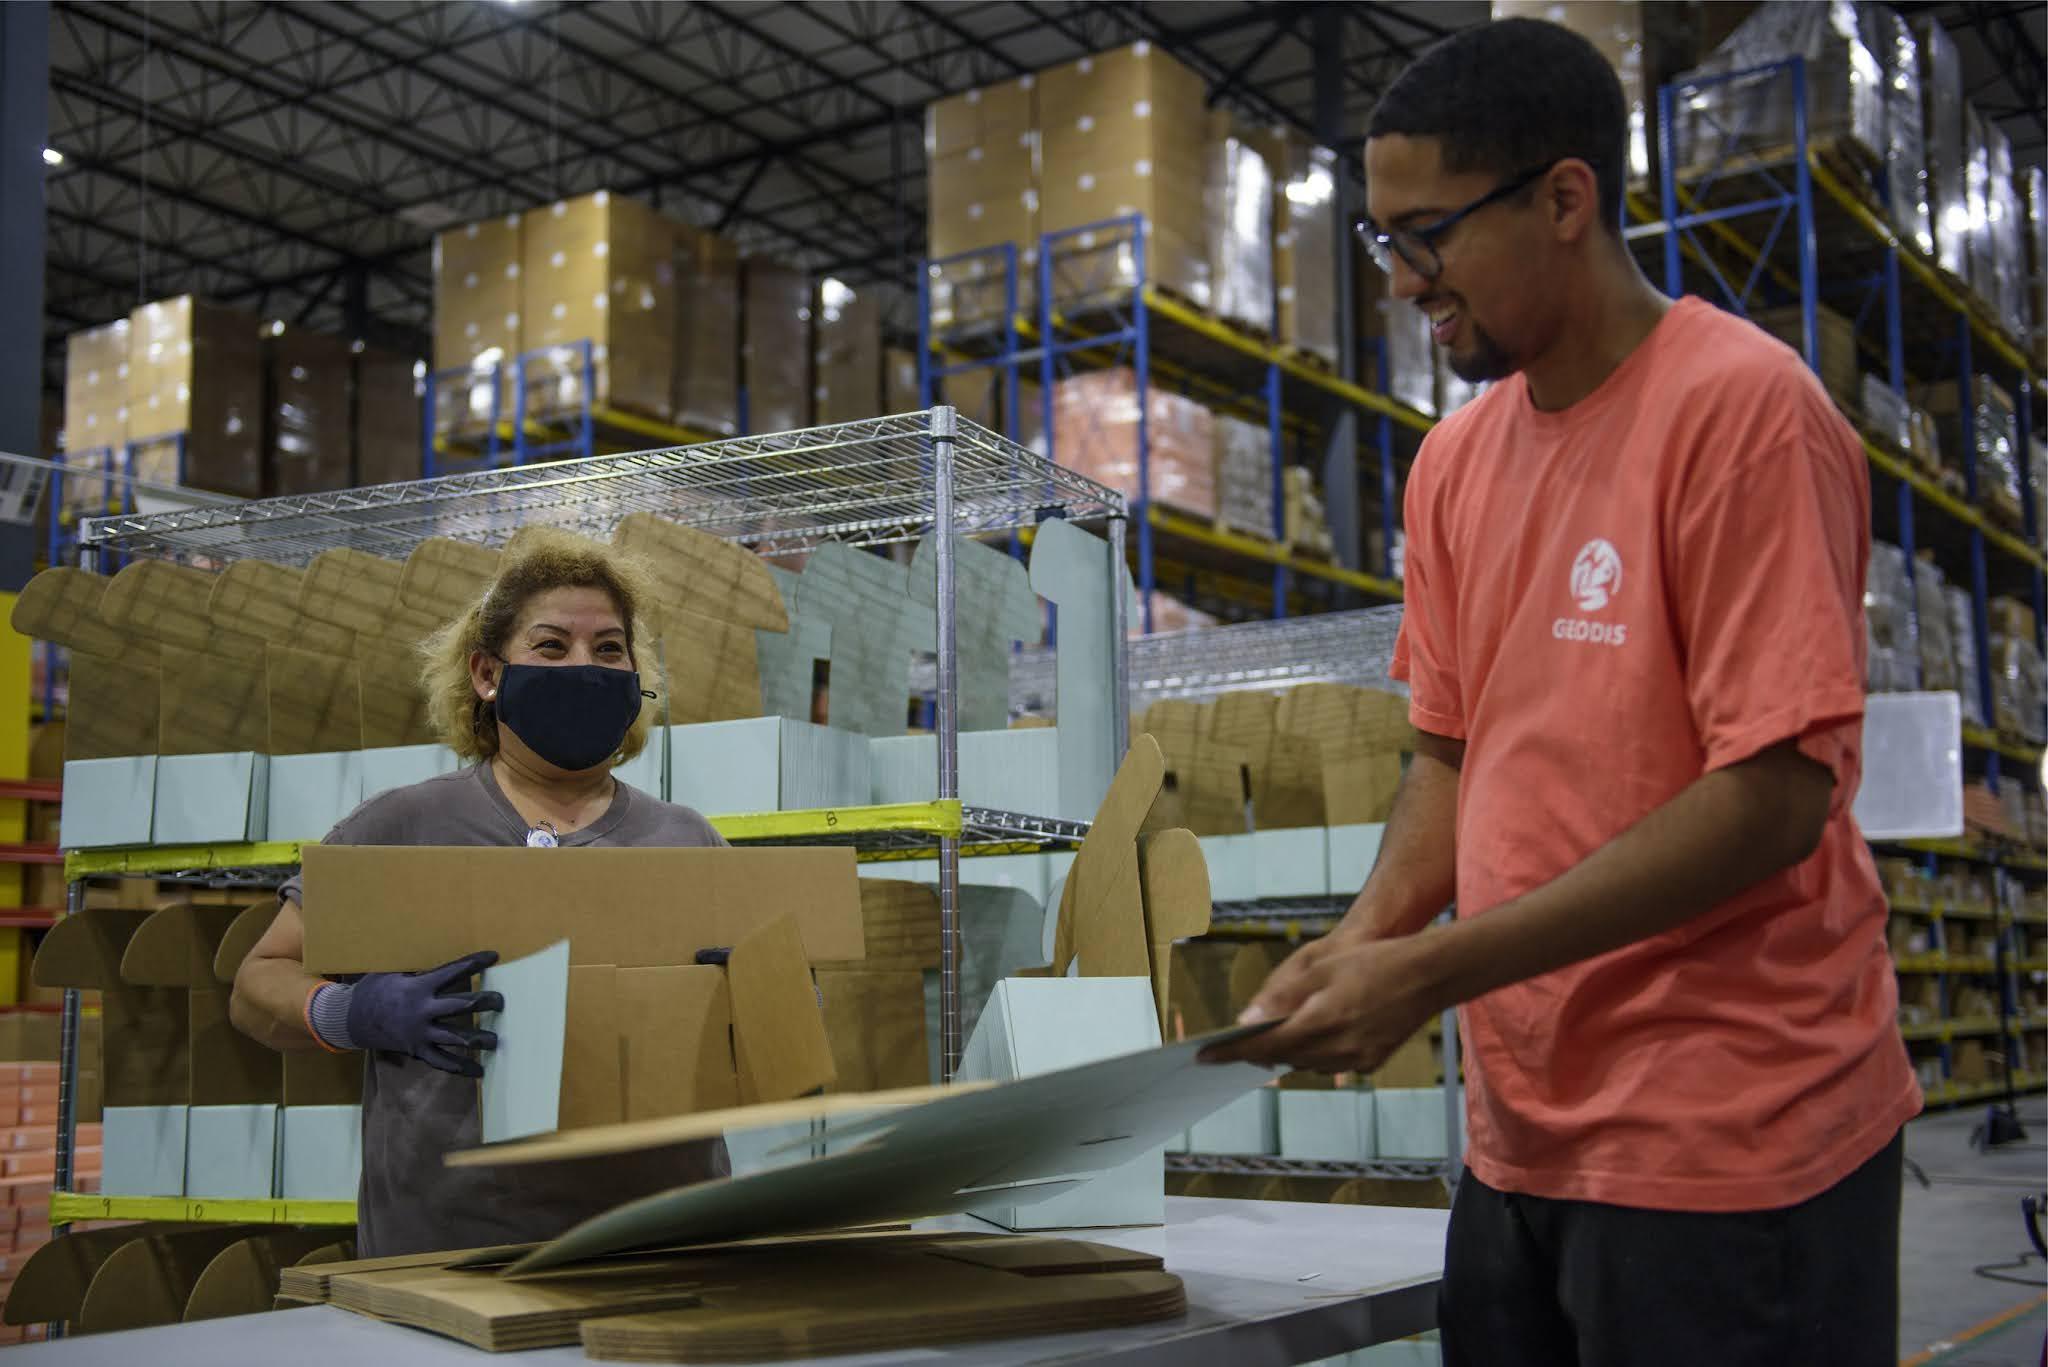 GEODIS to Hire 4,200 Seasonal Workers to Prepare for Peak Season